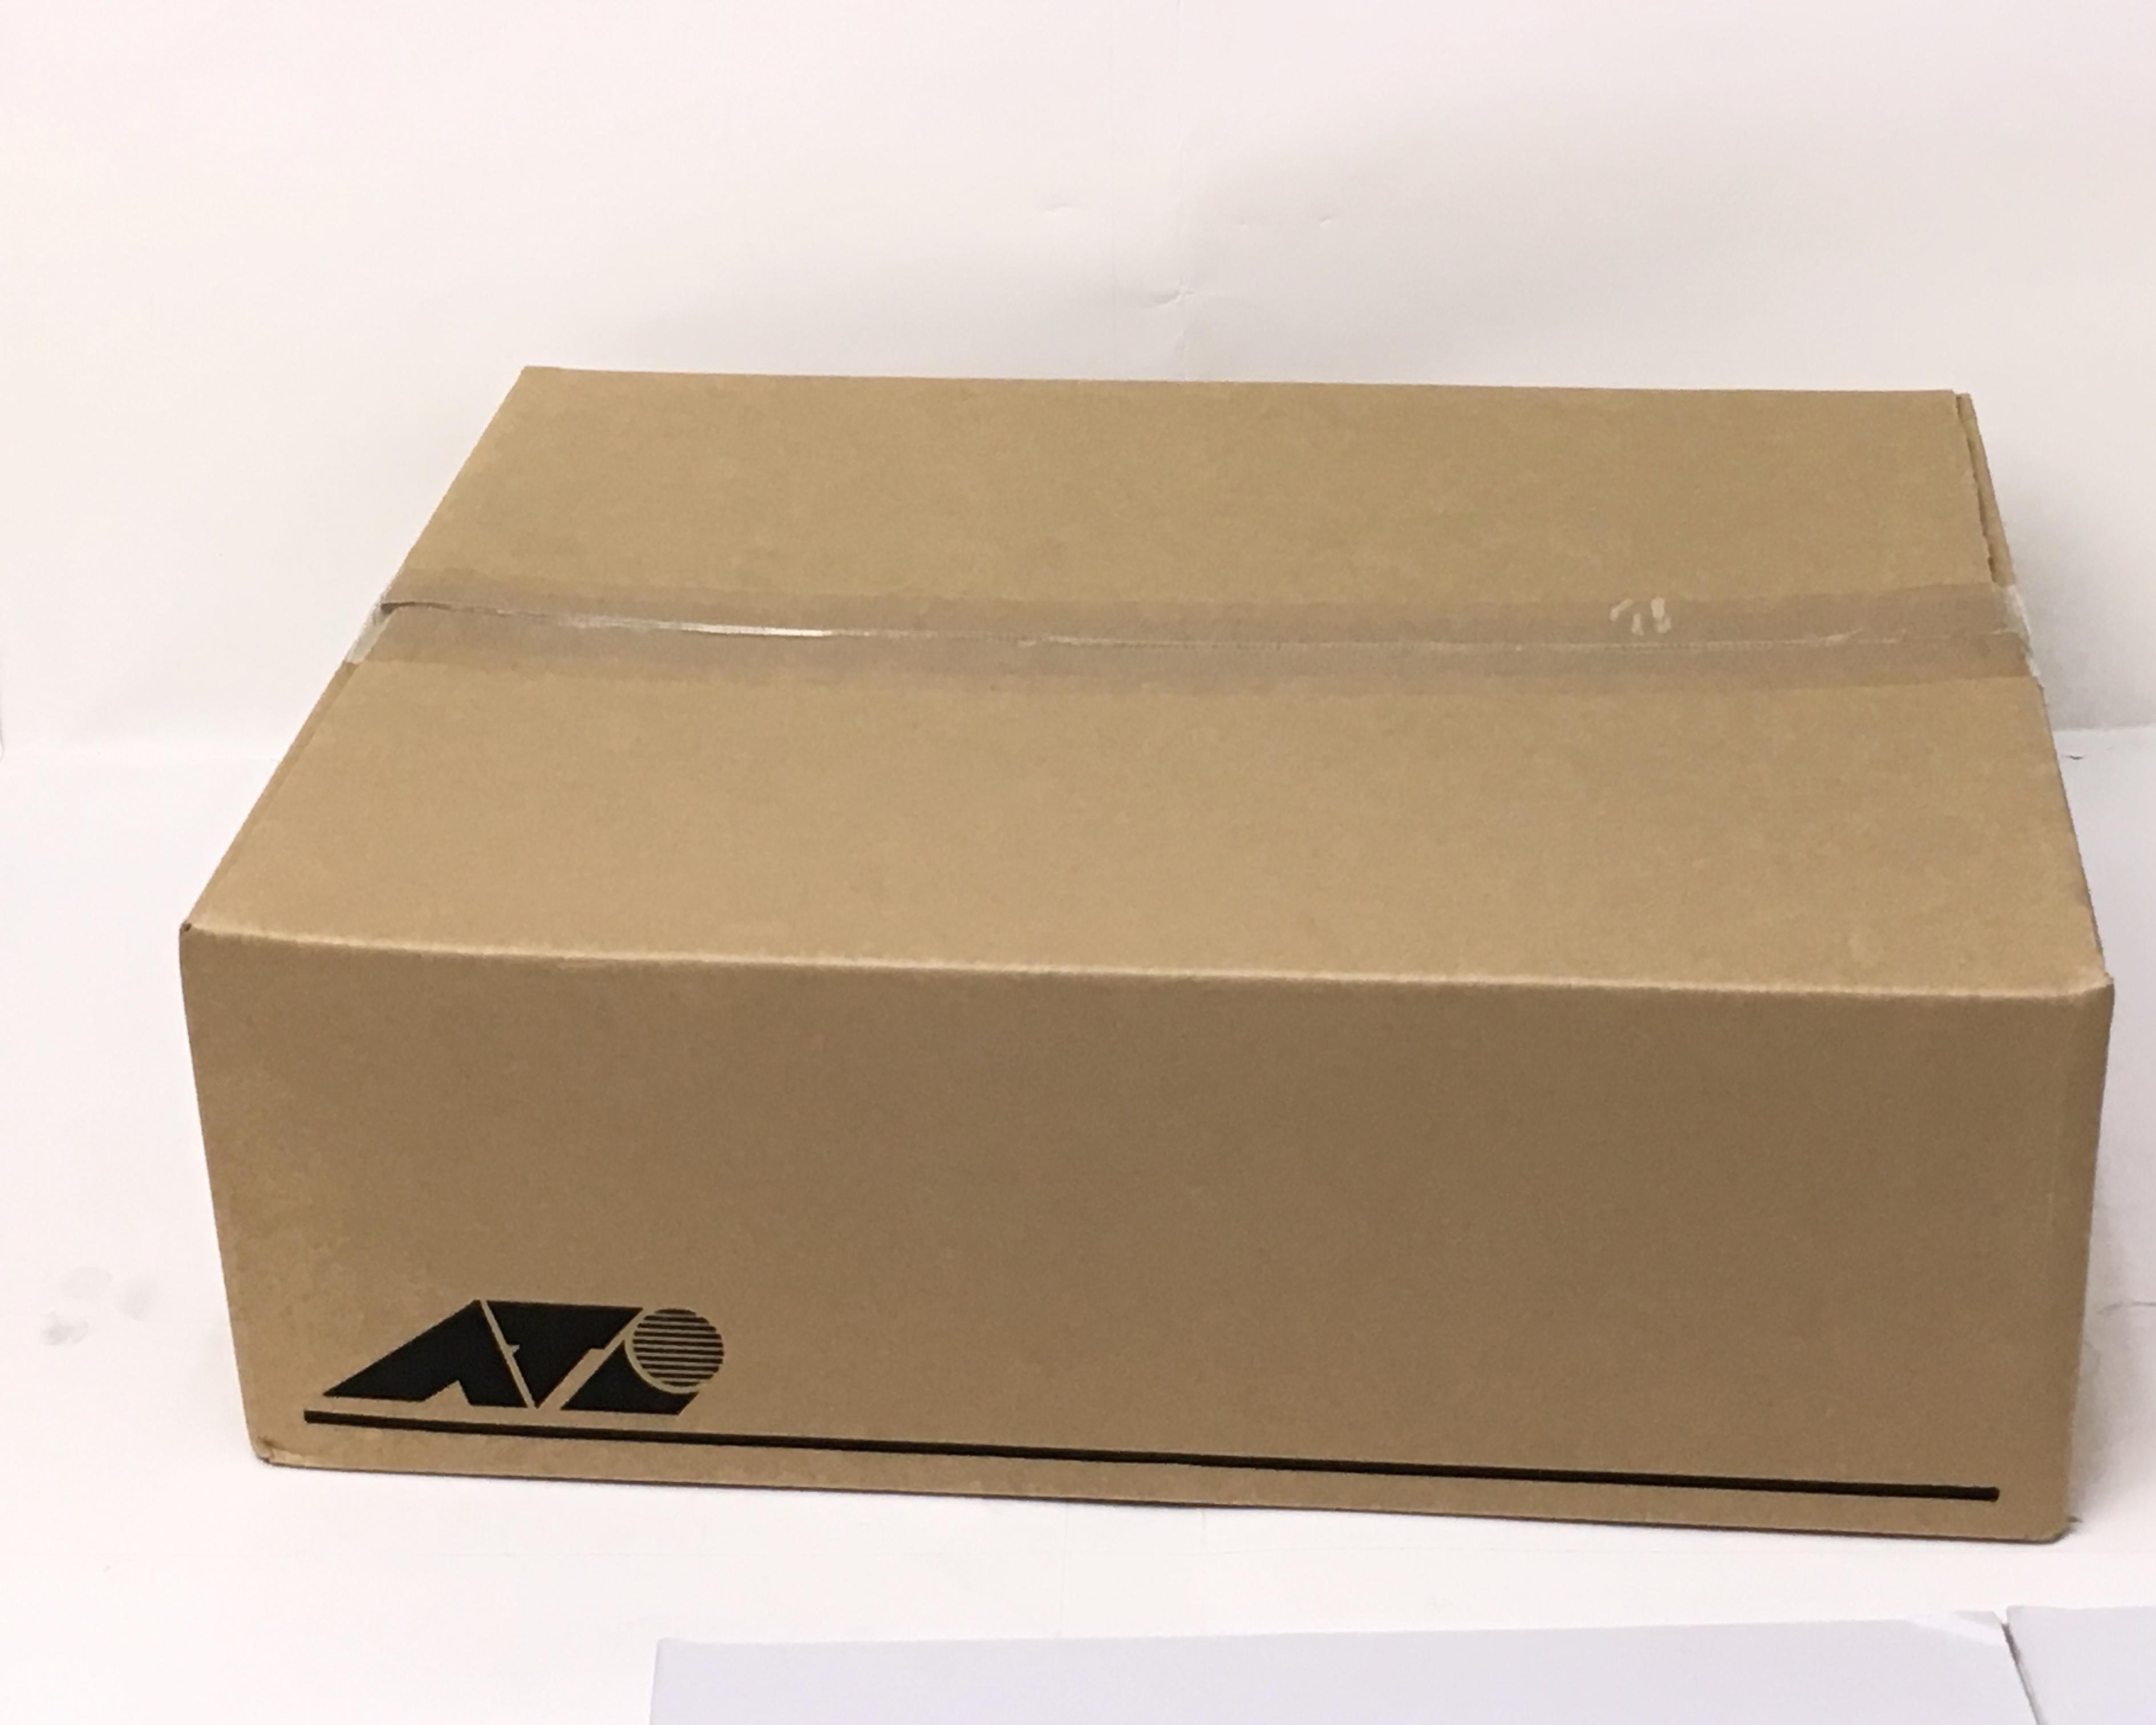 【新品】アライドテレシス AT-x210-16GT メイン画像